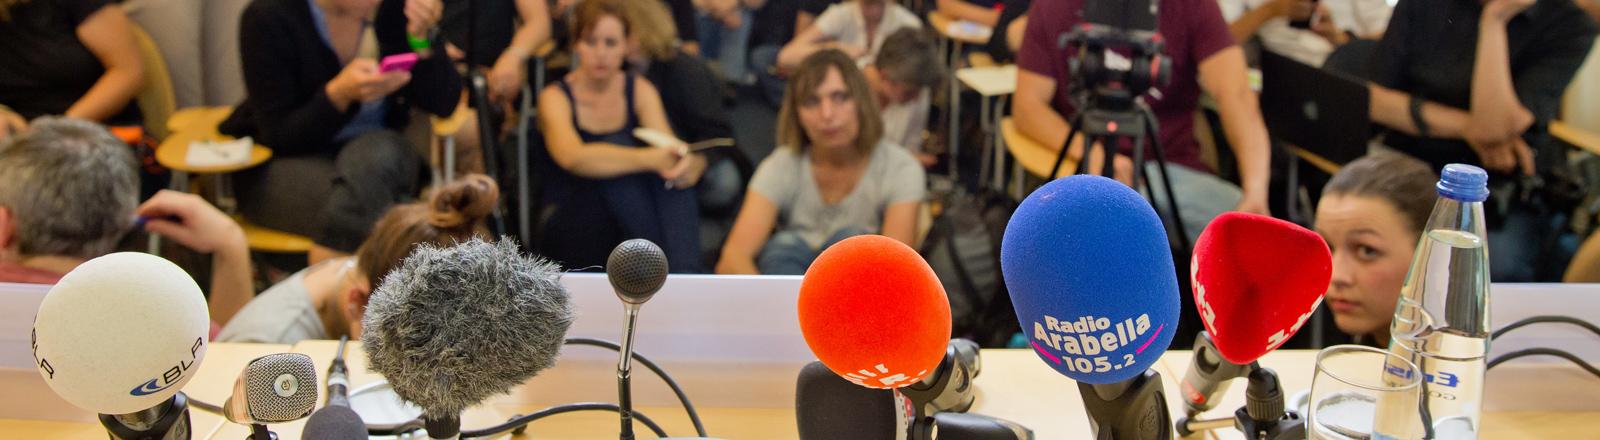 Zahlreiche Medienvertreter warten am 23.07.2016 im Polizeipräsidium in München (Bayern) auf den Beginn einer Pressekonferenz zu den Ermittlungen nach einer Schießerei mit Toten und Verletzten vom Vortag. Die tödlichen Schüsse hat ein 18-jähriger Deutsch-Iraner abgegeben.